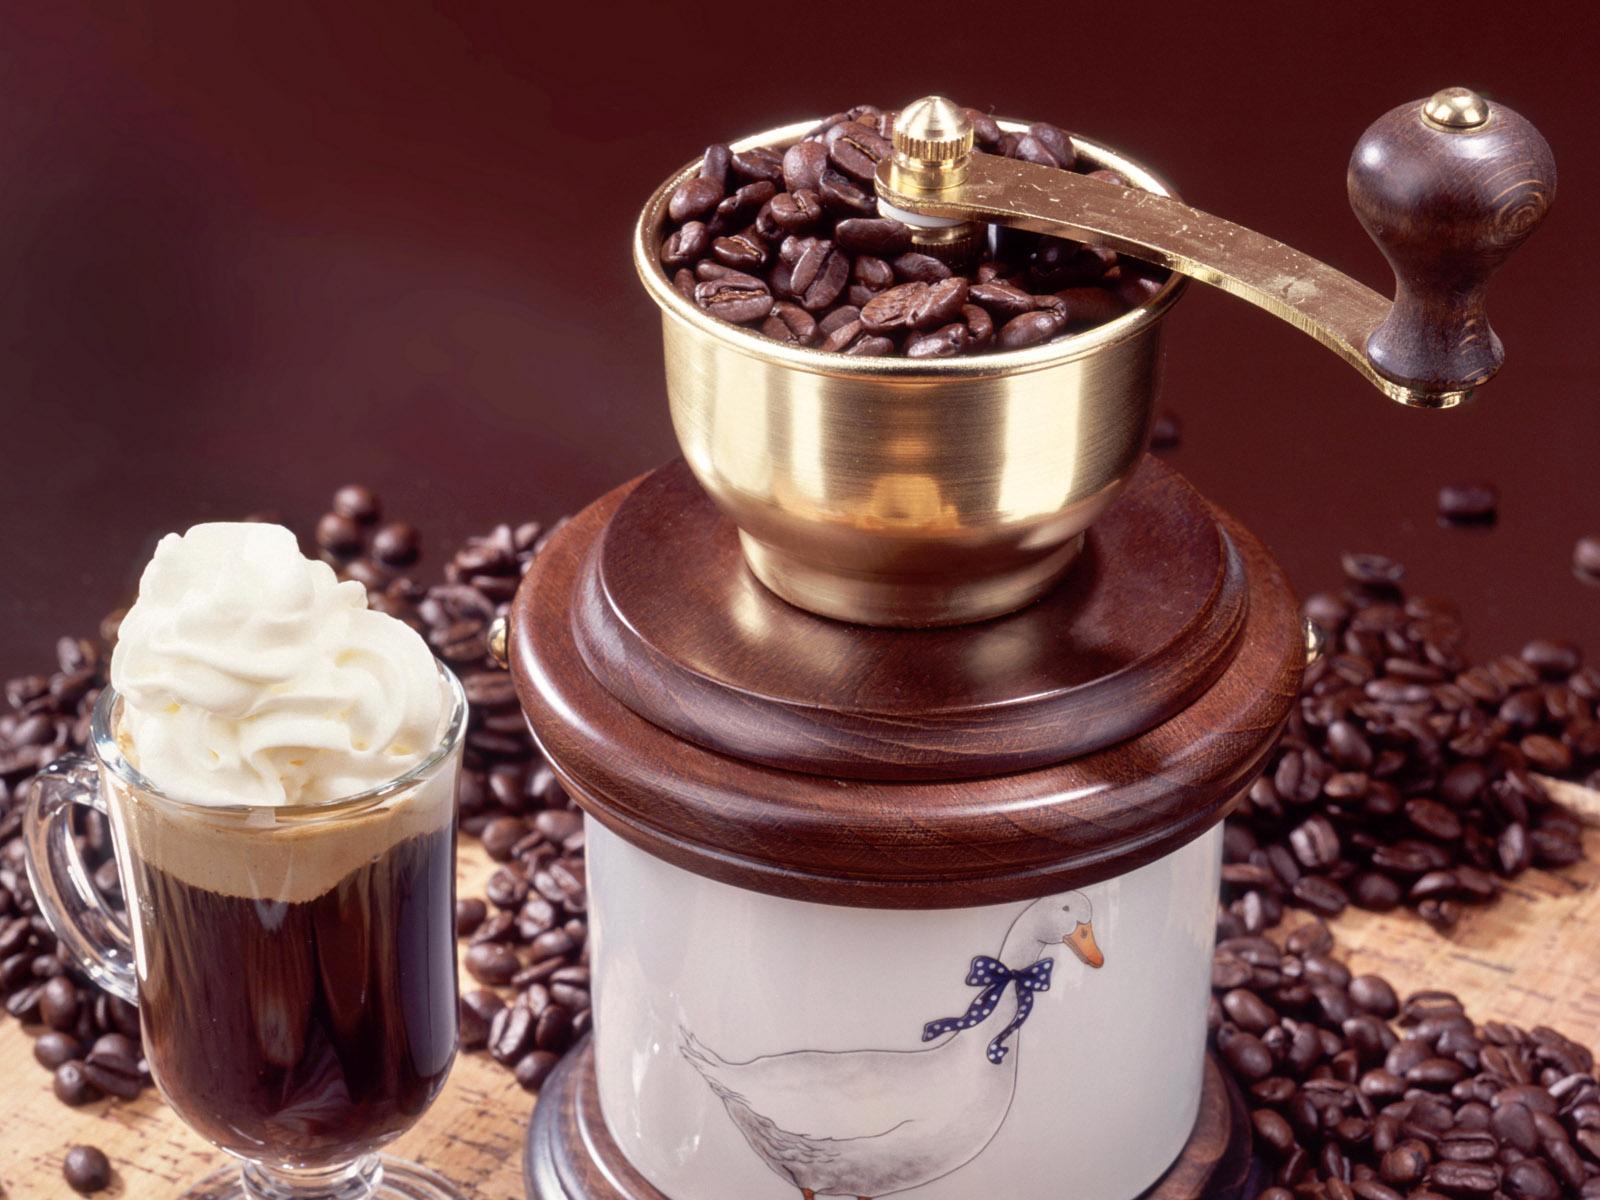 картинки кофе и кофемолка отношении дебошира возбуждено